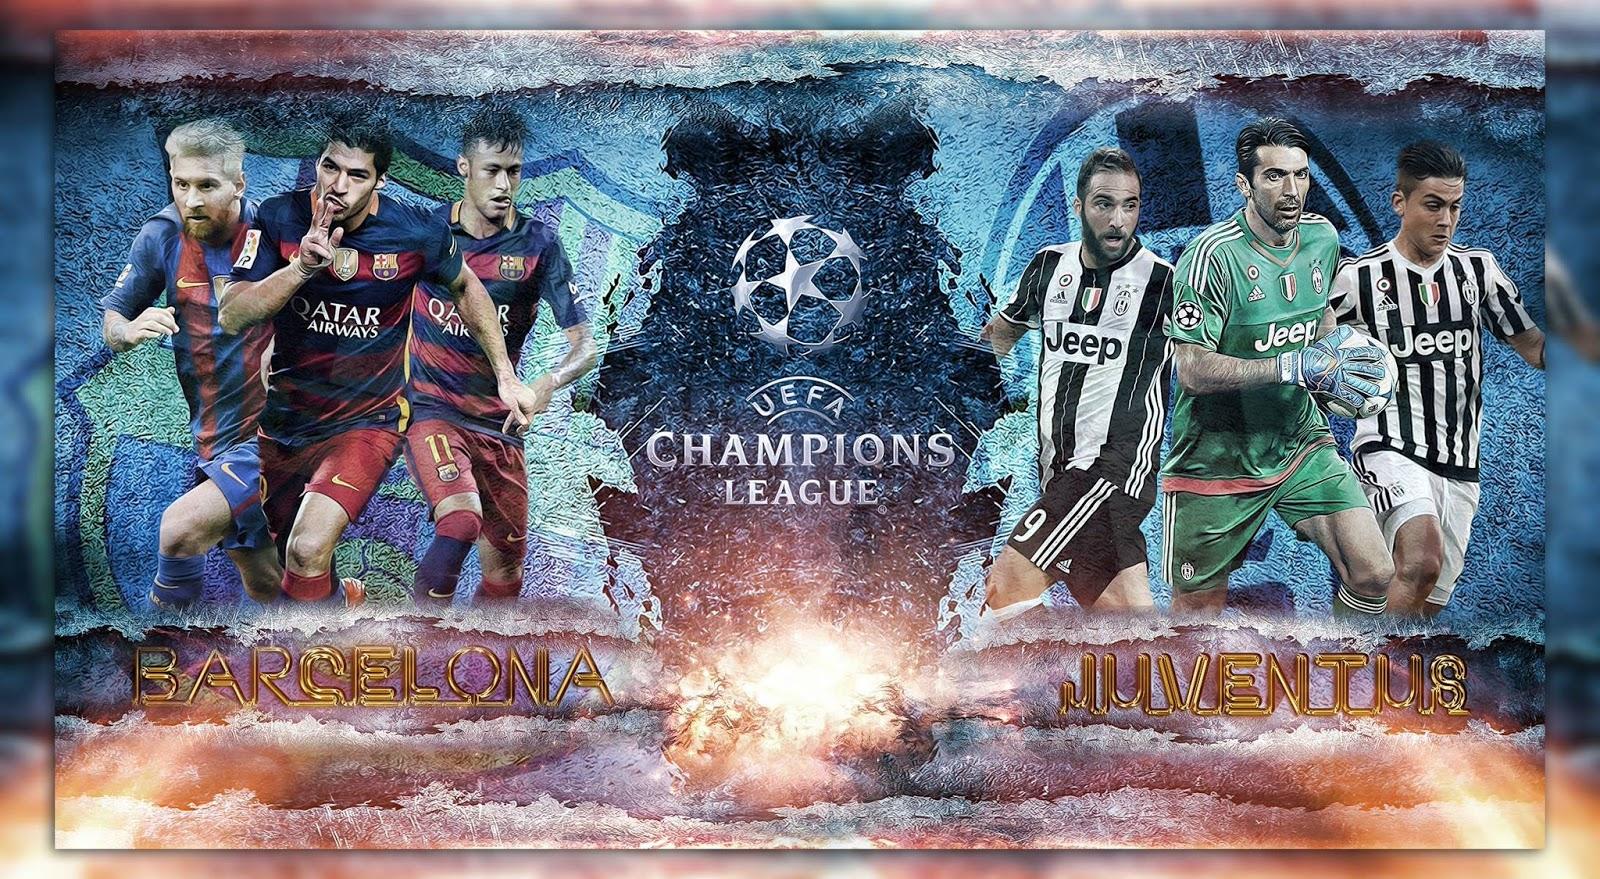 DIRETTA Calcio: Barcellona-JUVENTUS Streaming, Monaco-Borussia Rojadirecta. Vedere partite Oggi in TV. Domani Europa League